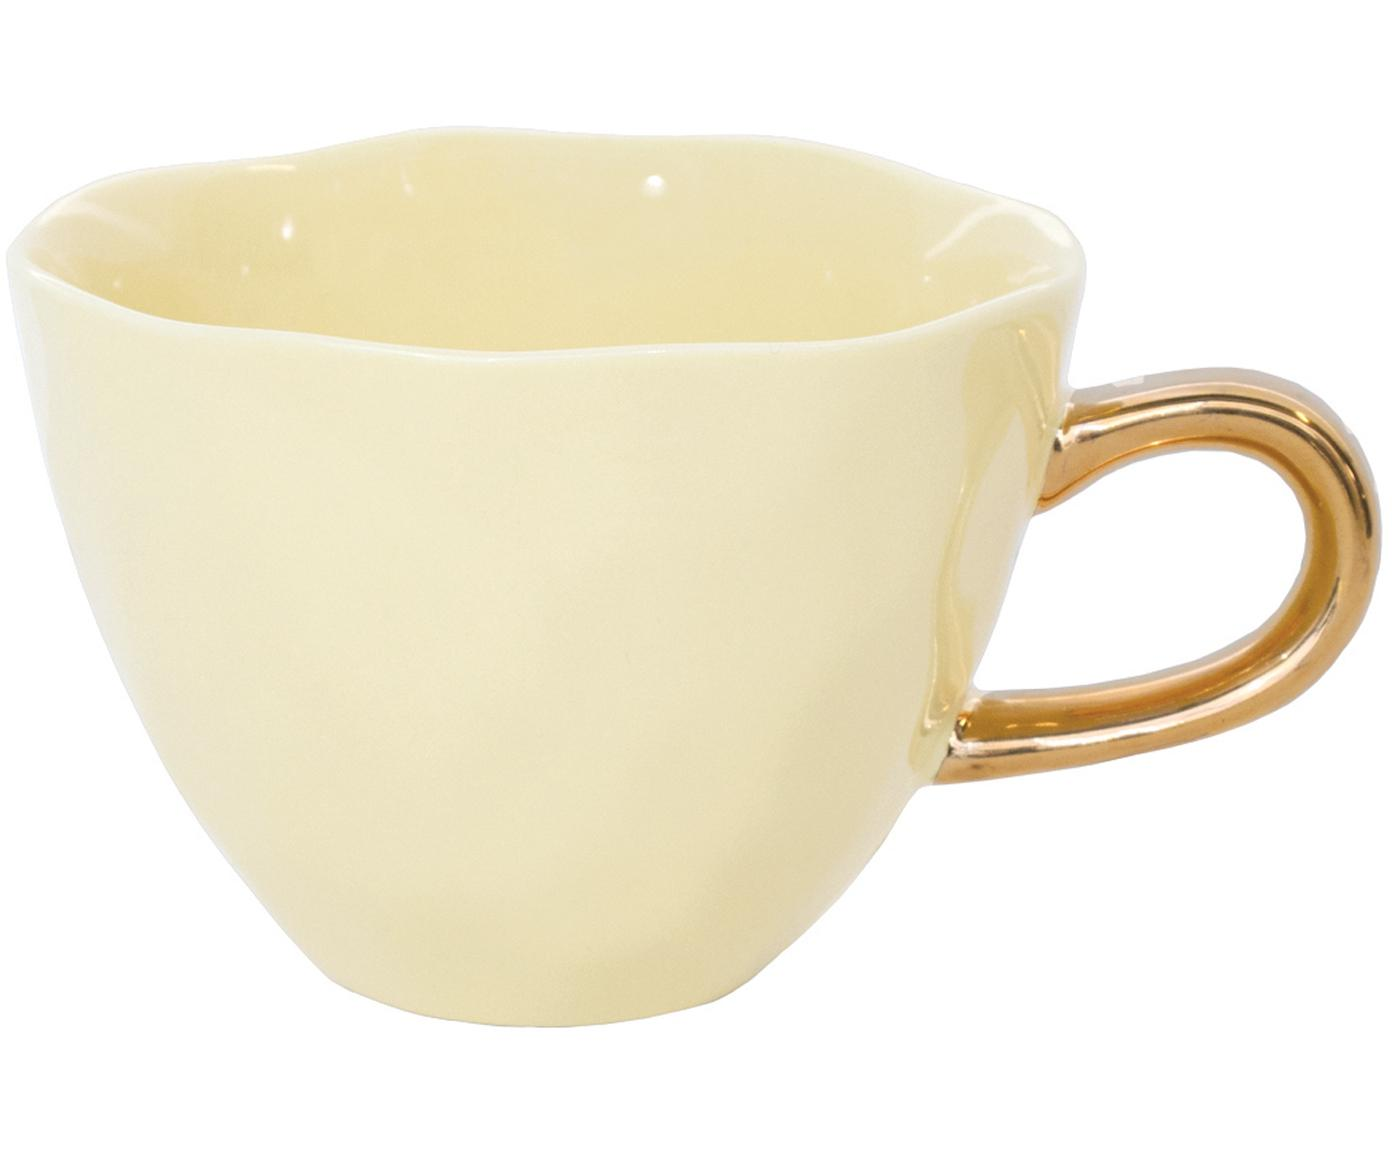 Taza de café Good Morning, Gres, Amarillo, dorado, Ø 11 x Al 8 cm